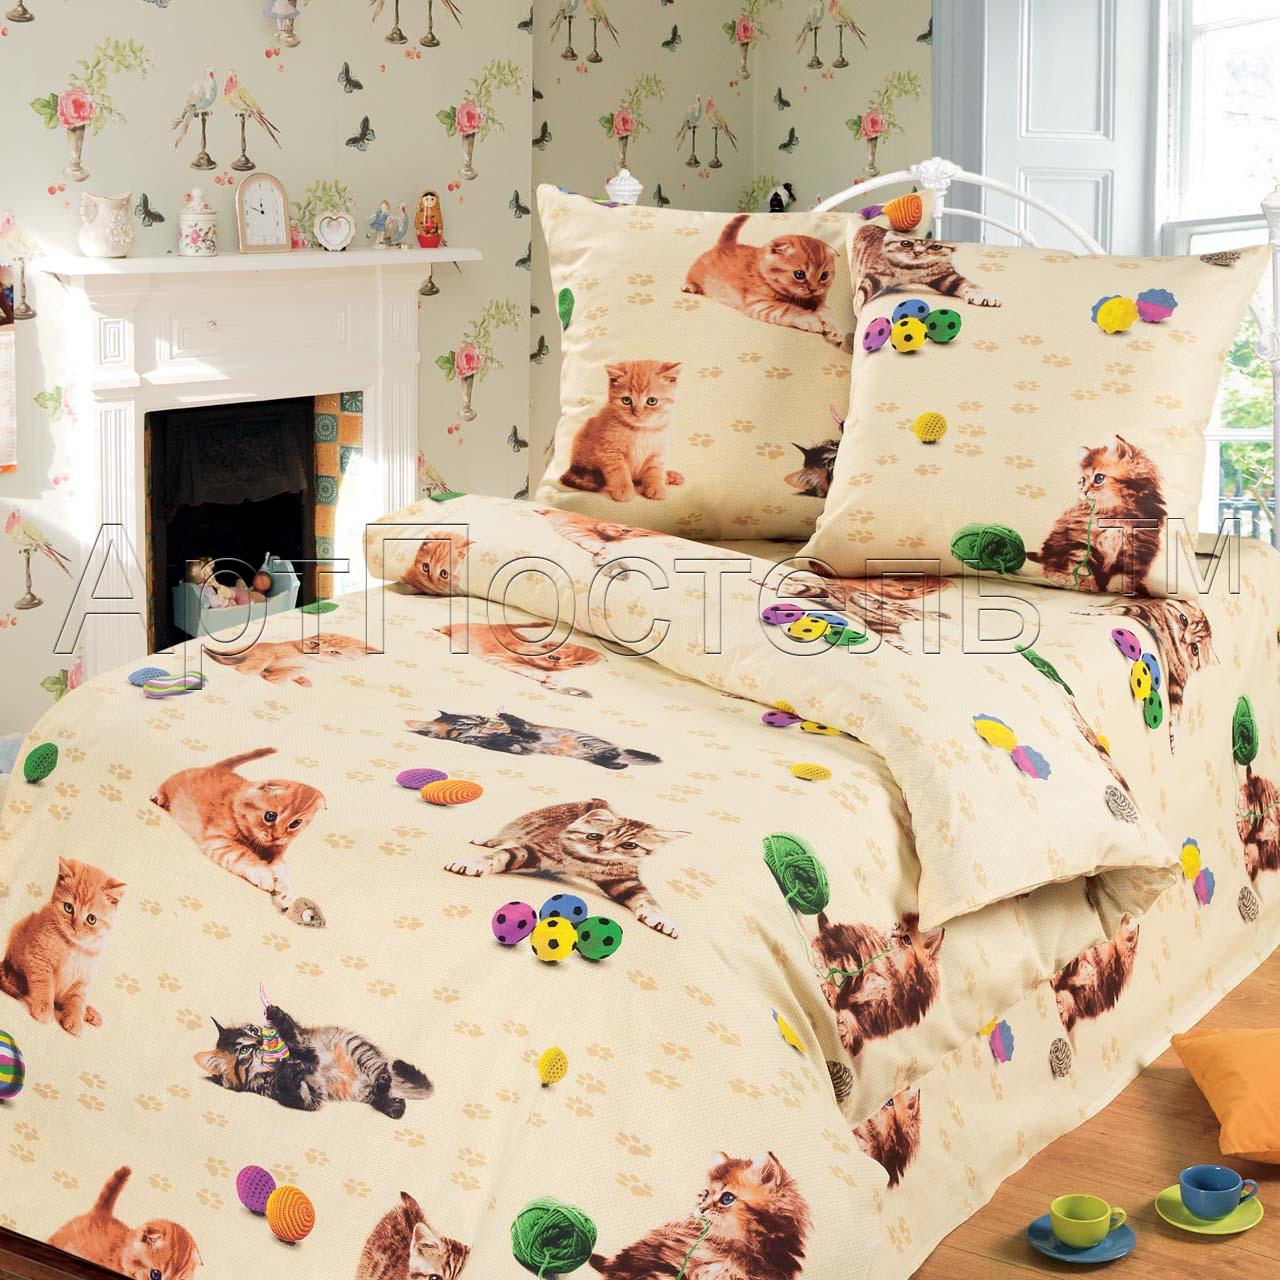 Детский комплект  Усатый-полосатый , размер 1,5-спальный - Постельное белье артикул: 7811